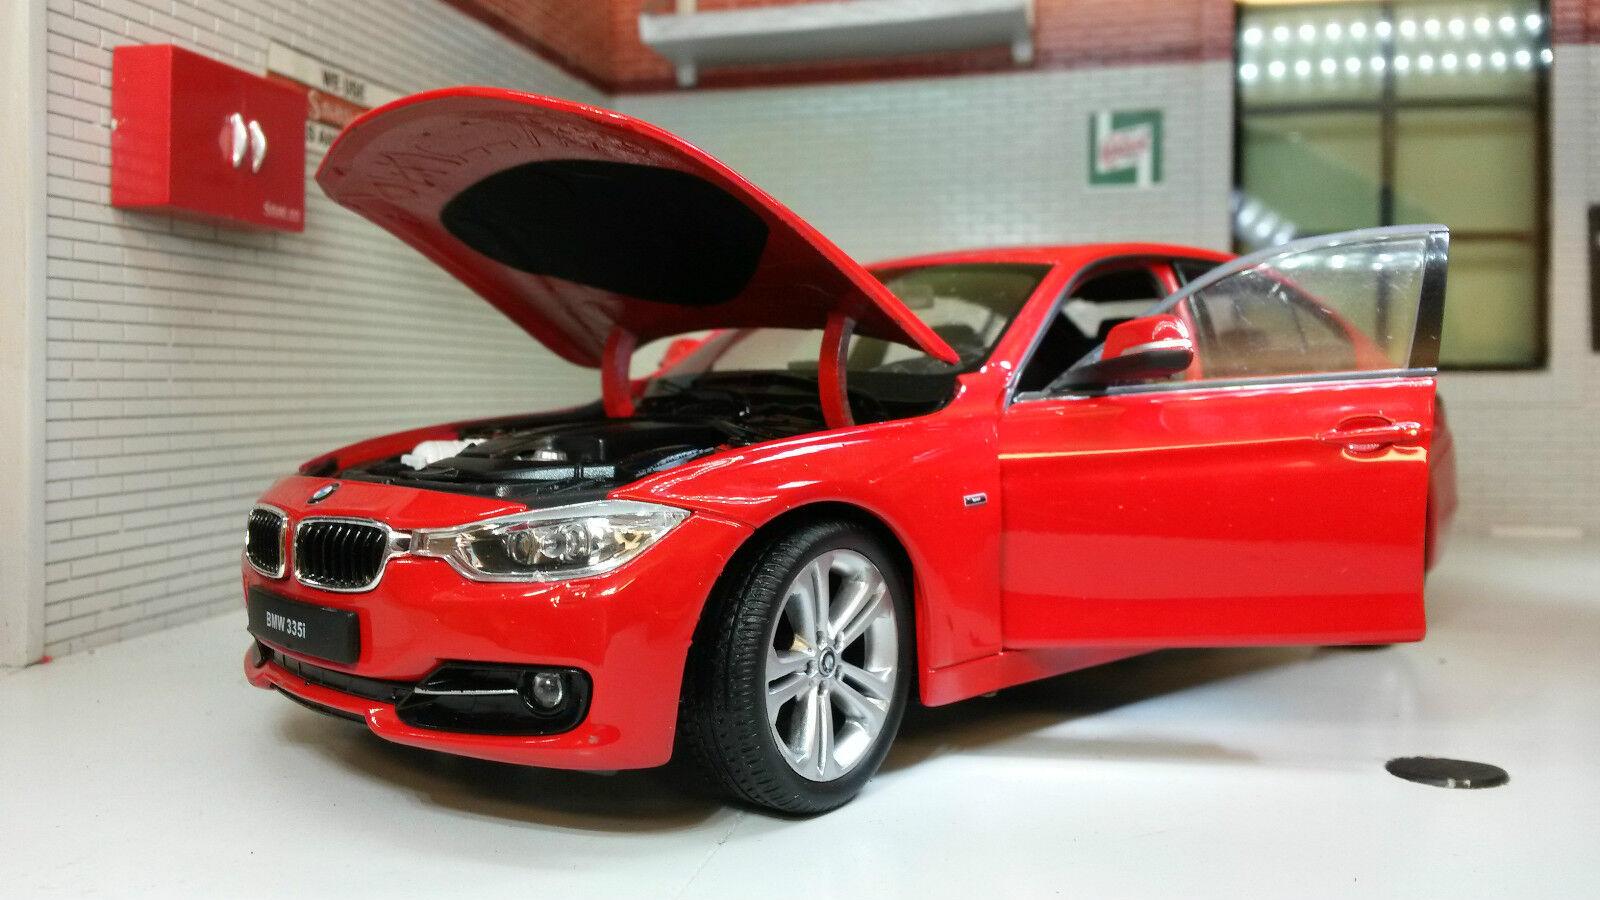 G LGB LGB LGB 1 24 Scale Red BMW 3 Series 335i F30 24039 Very Detailed Welly Model Car 4a3ba7